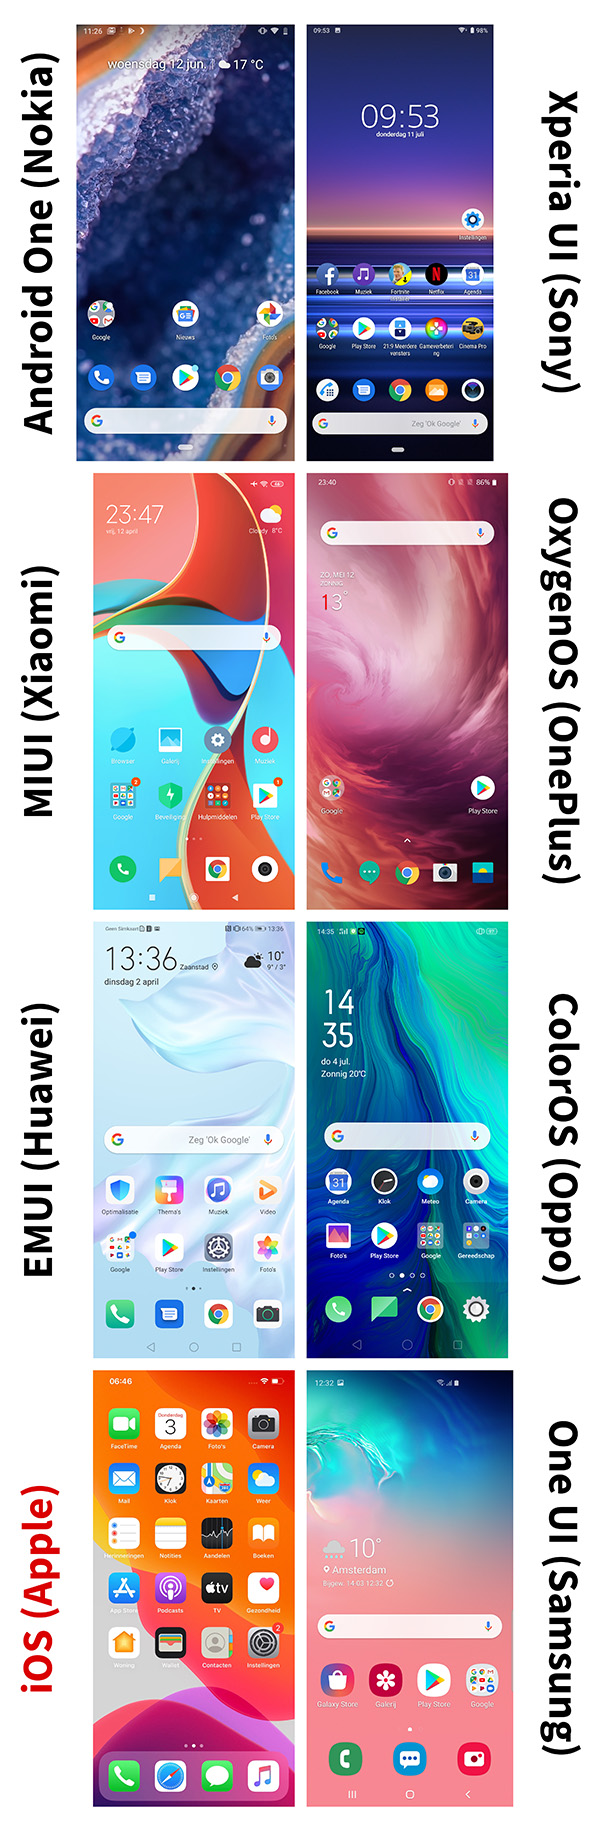 Alle smartphone besturingssystemen met eigen software-skin